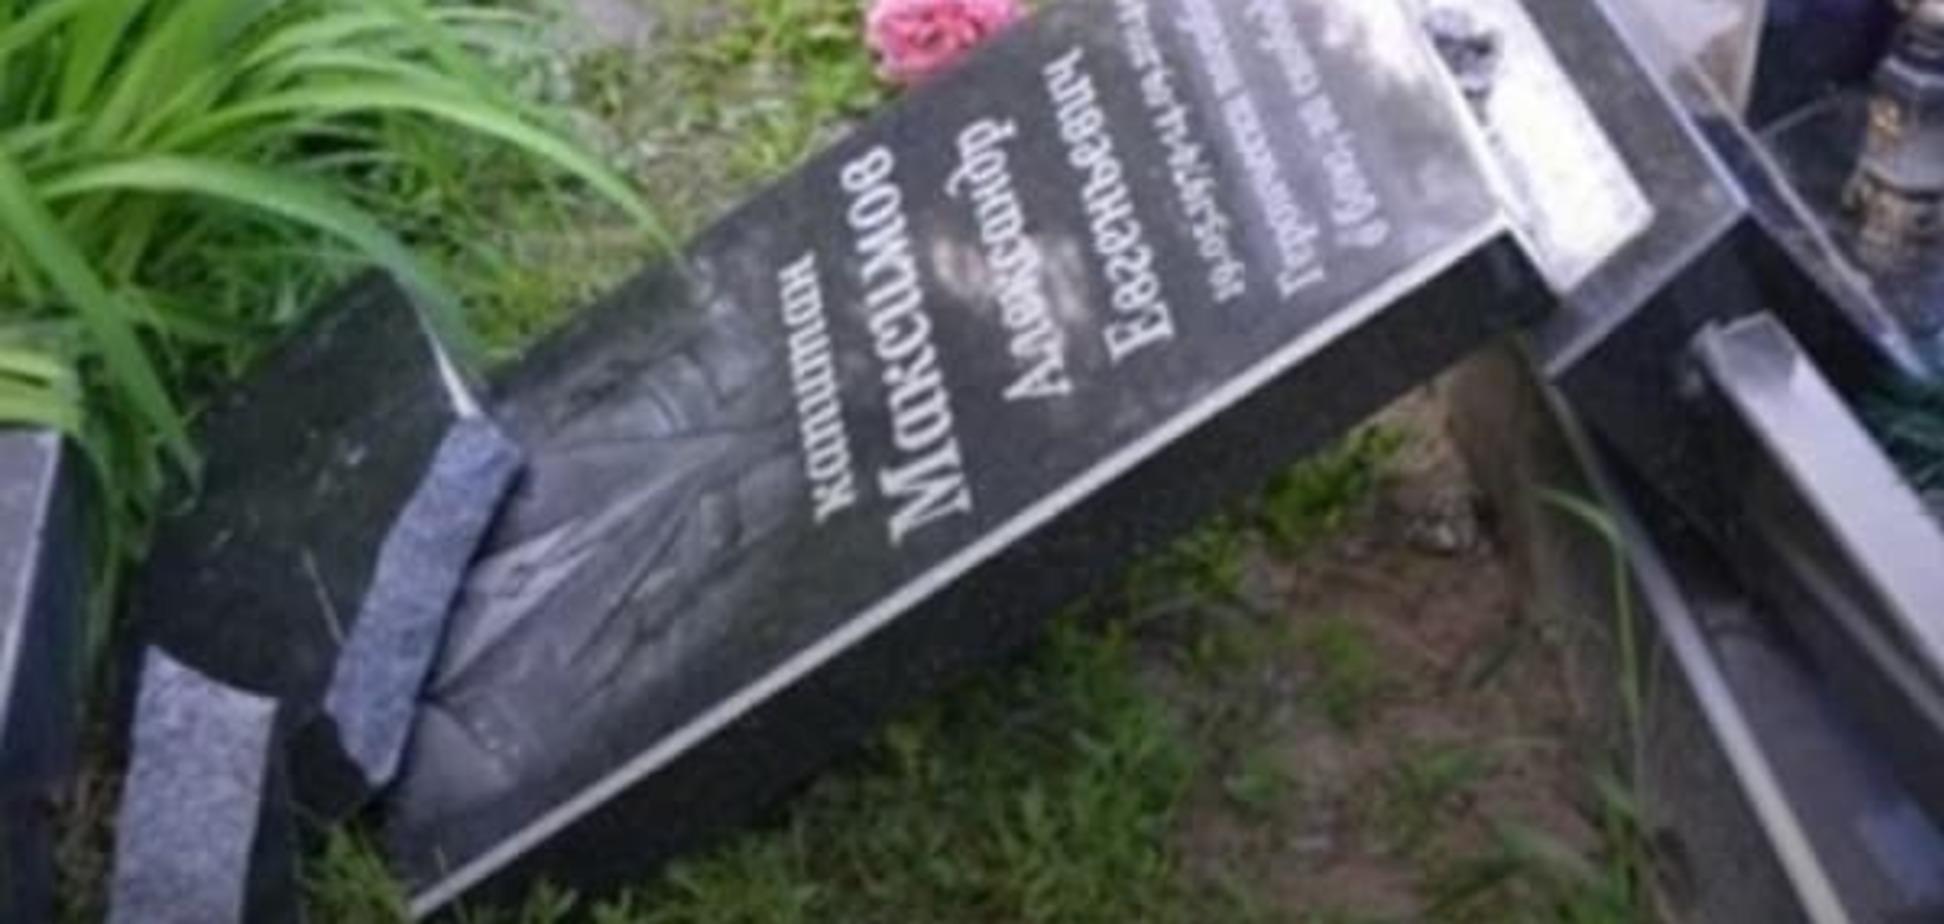 Пом'янули: у Полтаві п'яний чоловік розбив пам'ятник бійцю АТО